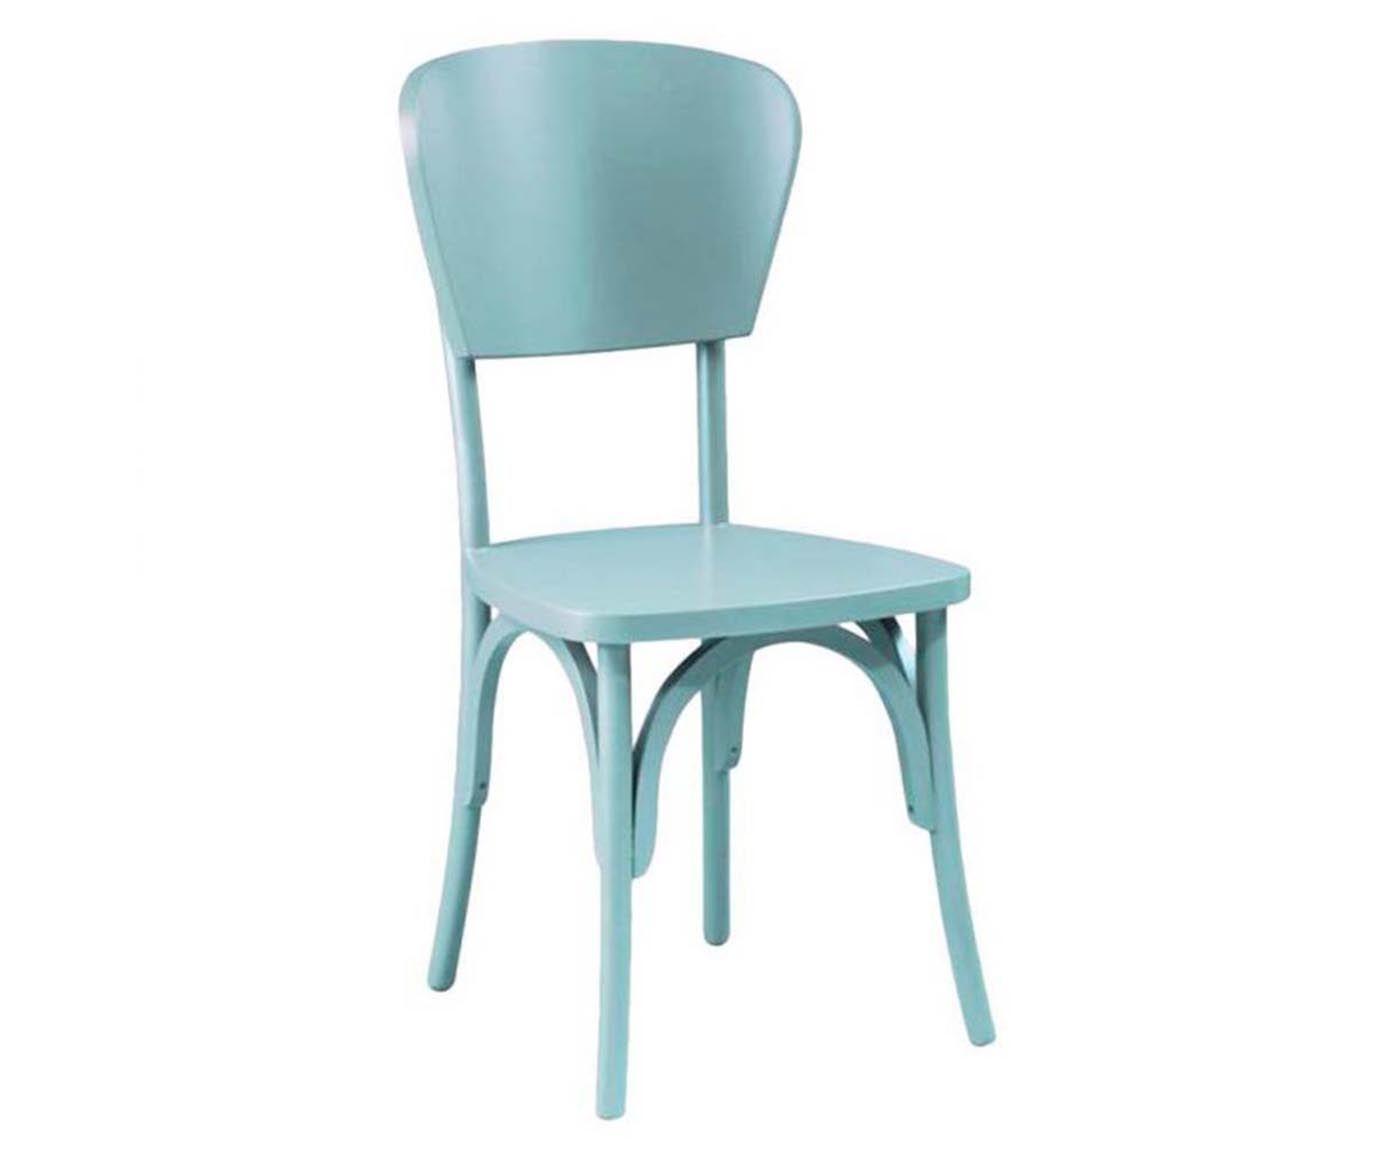 Cadeira romarin plank - zen   Westwing.com.br